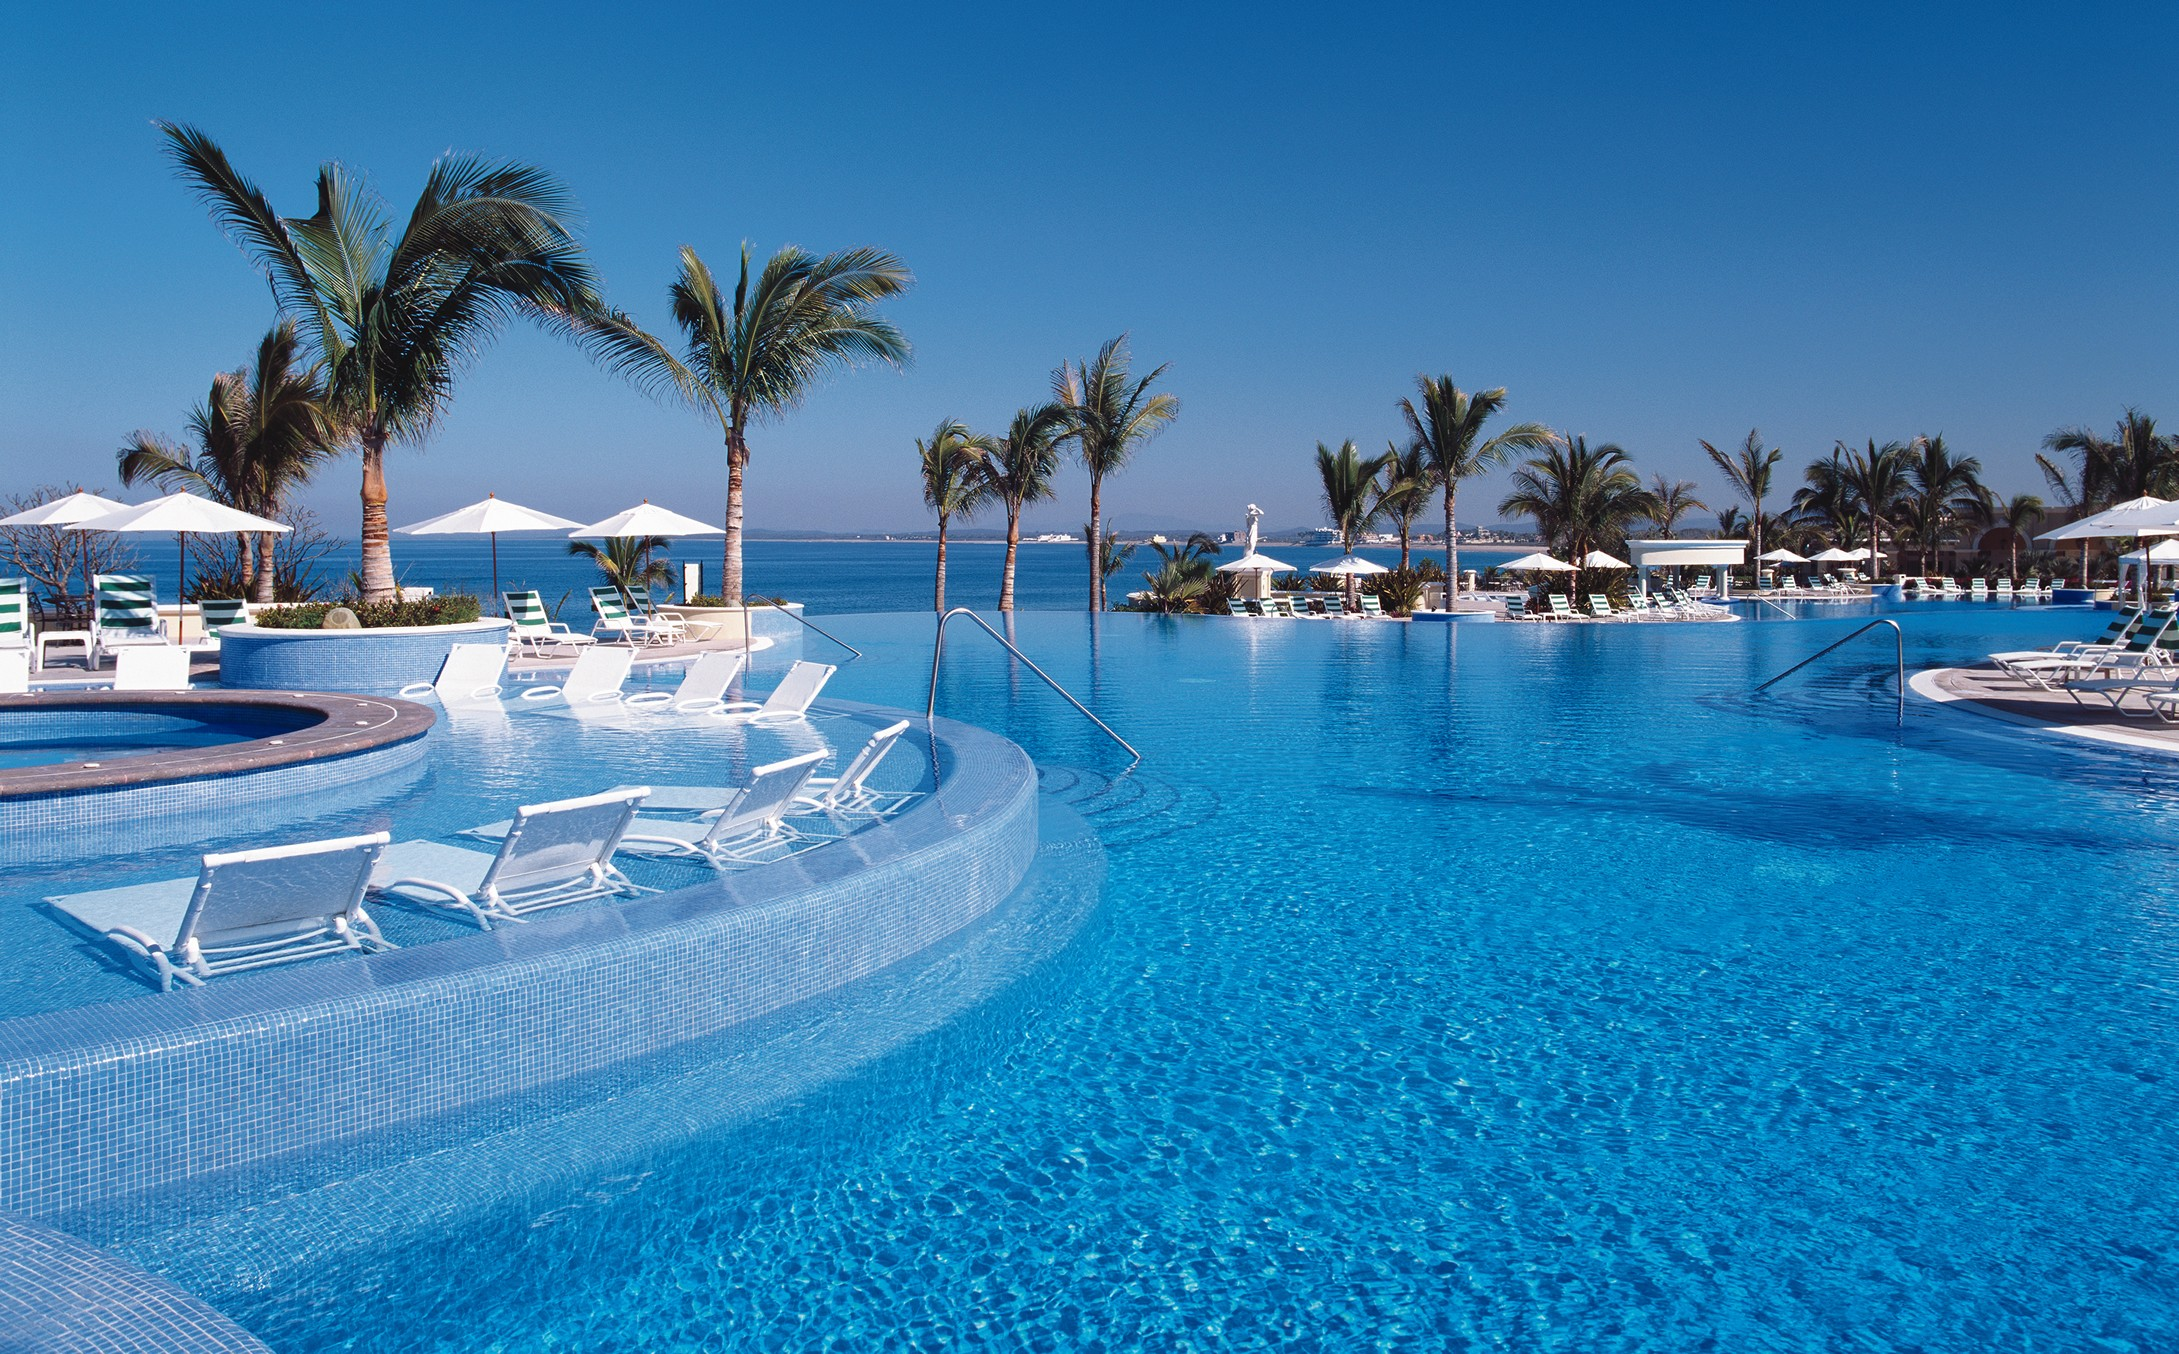 Vacaciones en un hospedaje frente al mar - 2179x1354